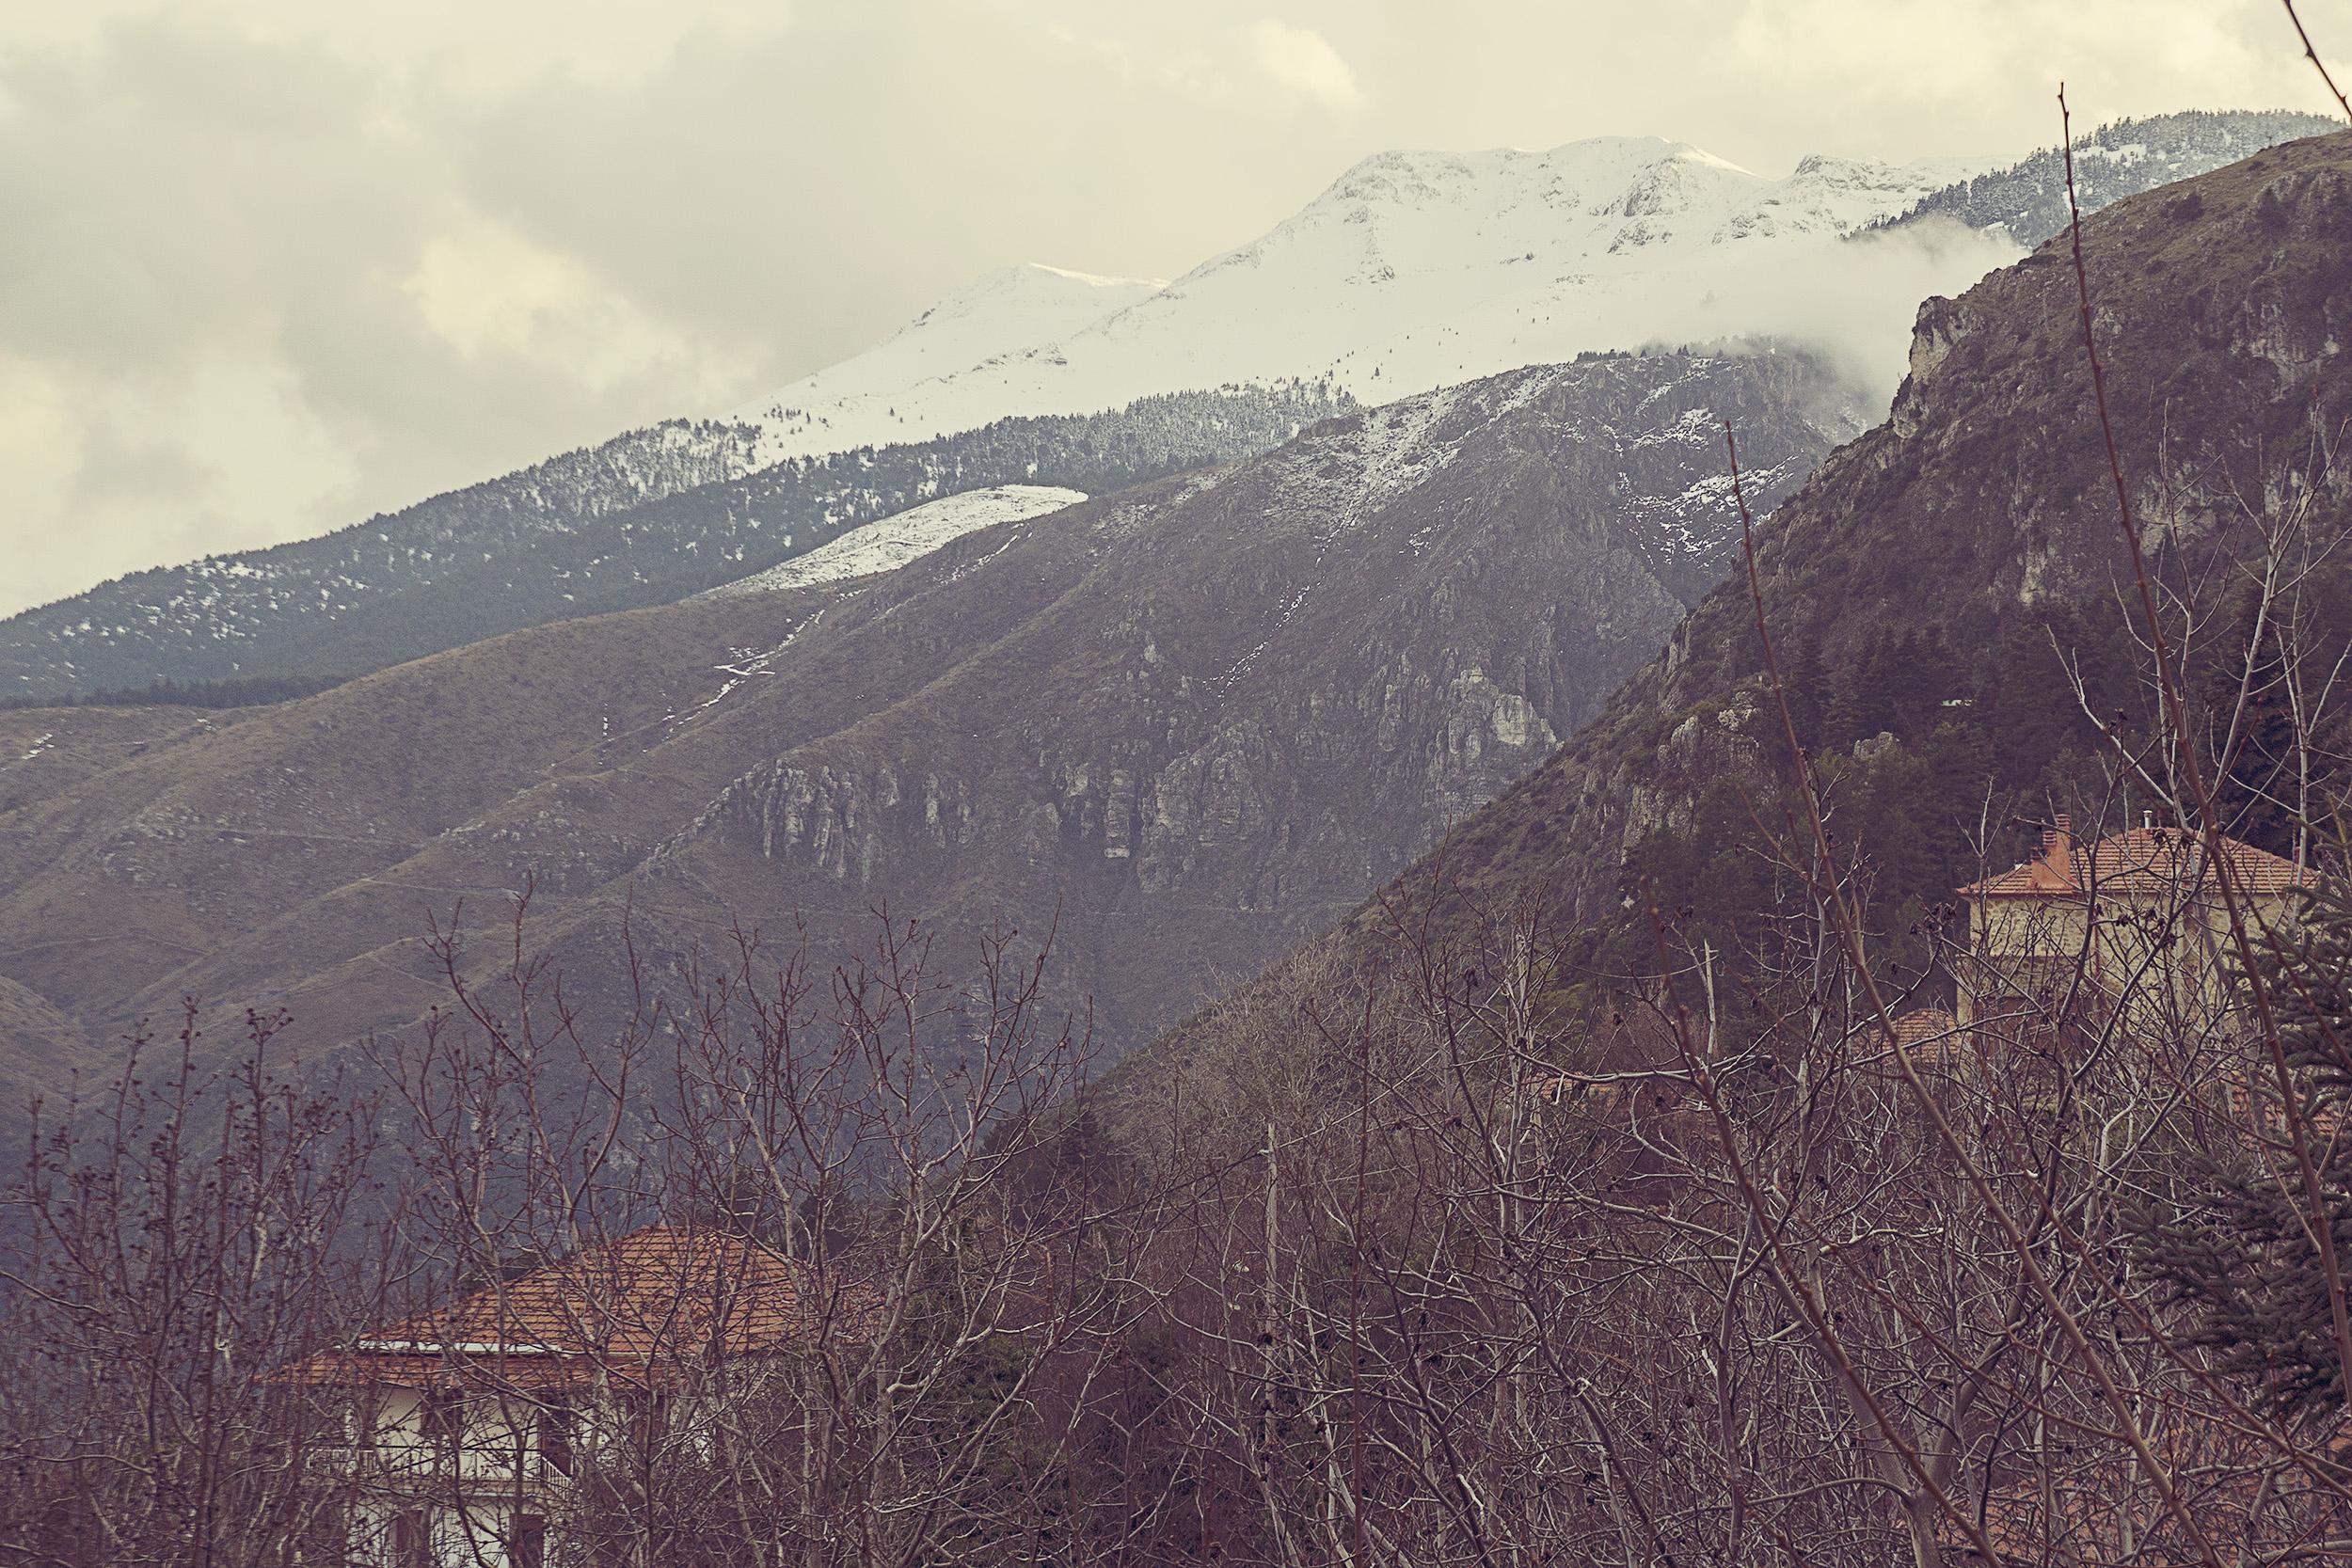 rzut okiem na osniezony szczyt